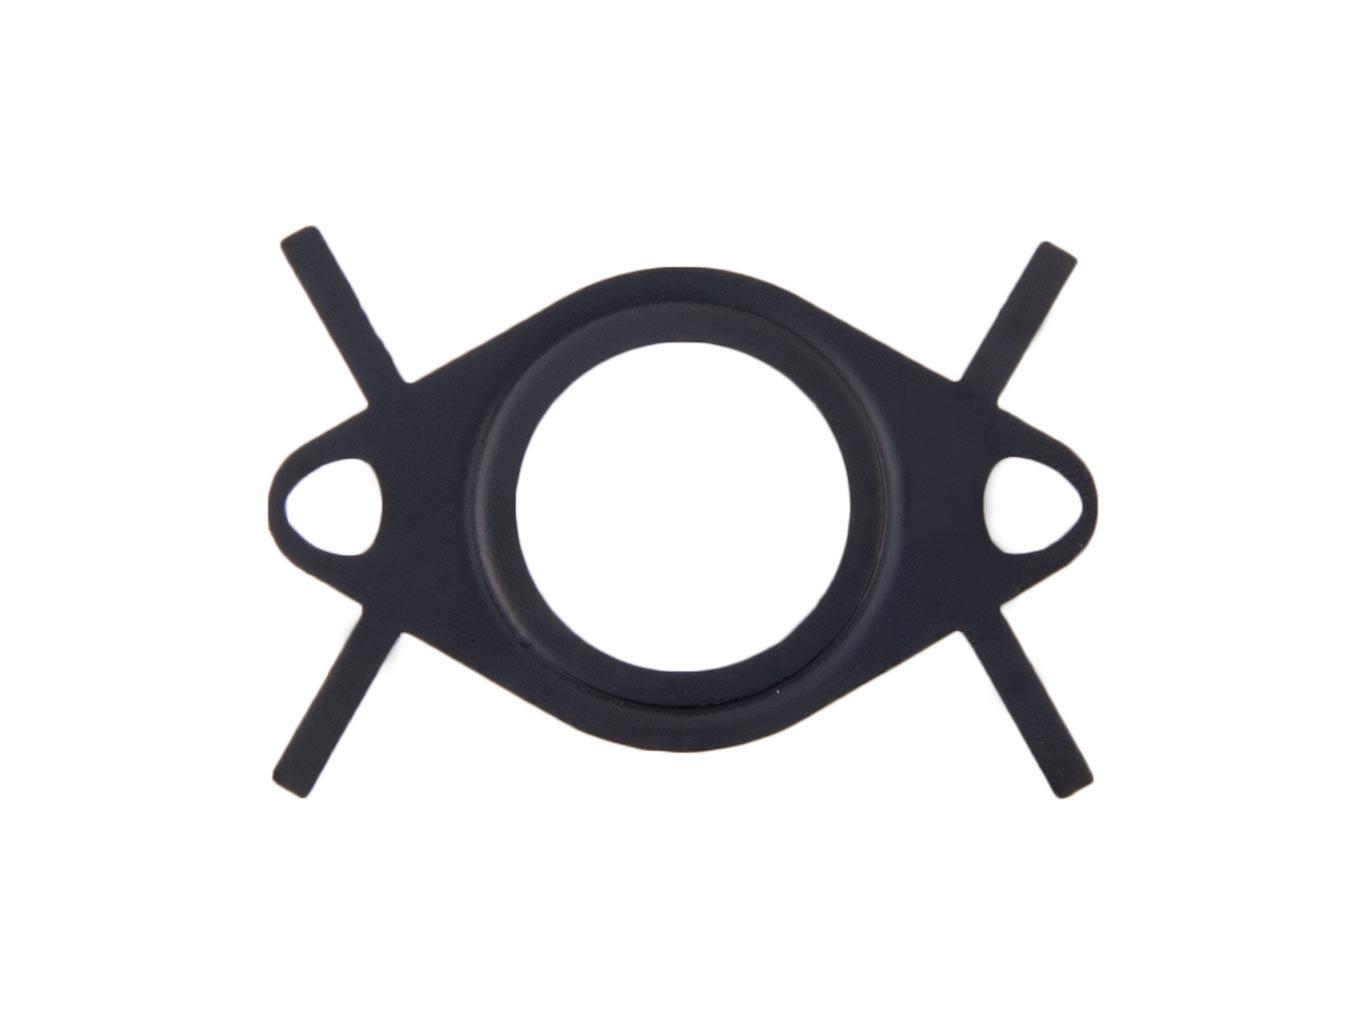 прокладка радиатора выхлопных газов opel vectra c 19 cdti